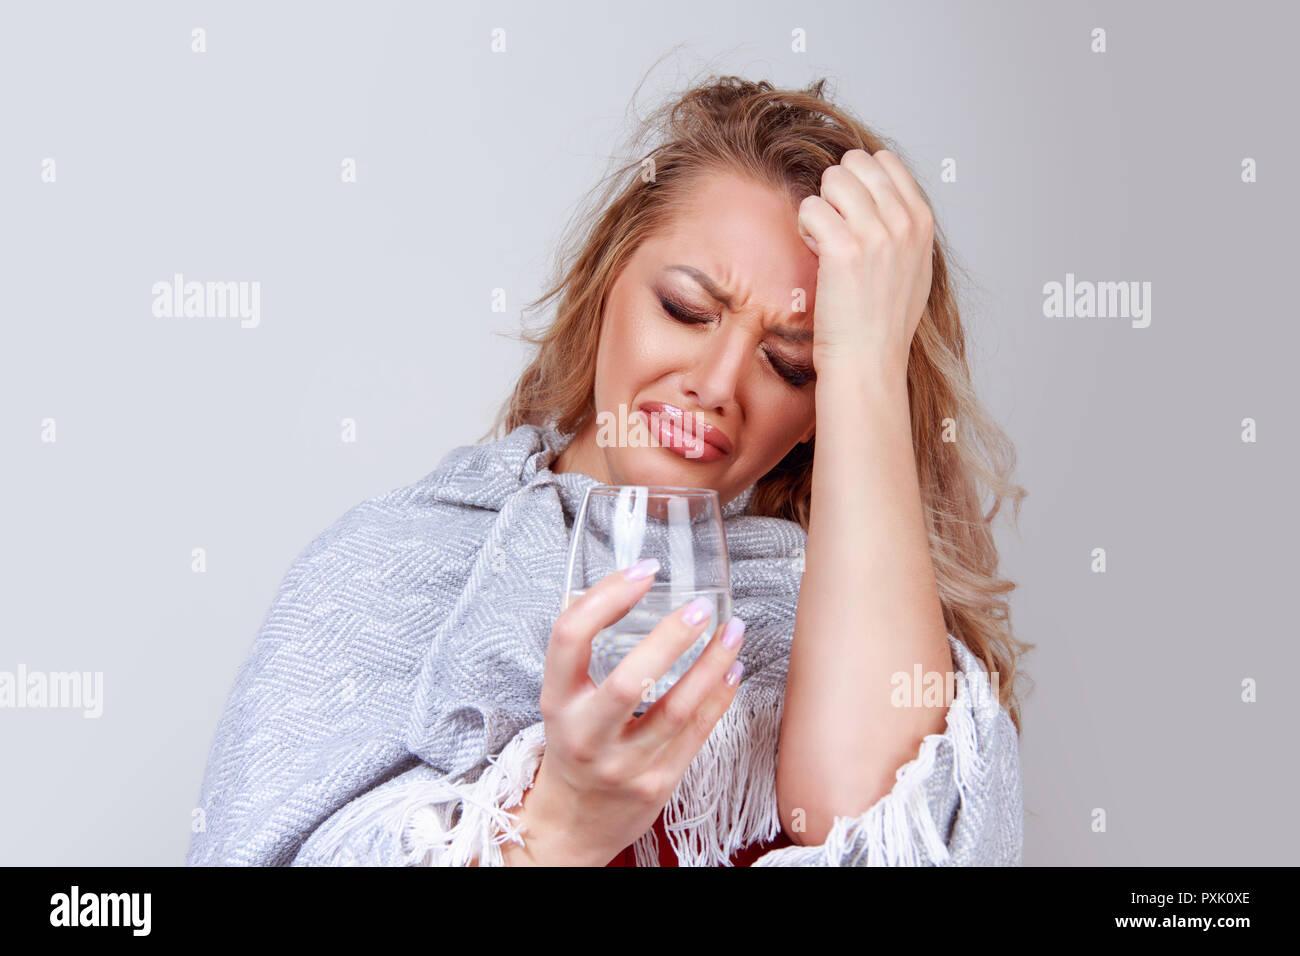 Mujer con vidrio sintiendo dolor de cabeza Imagen De Stock